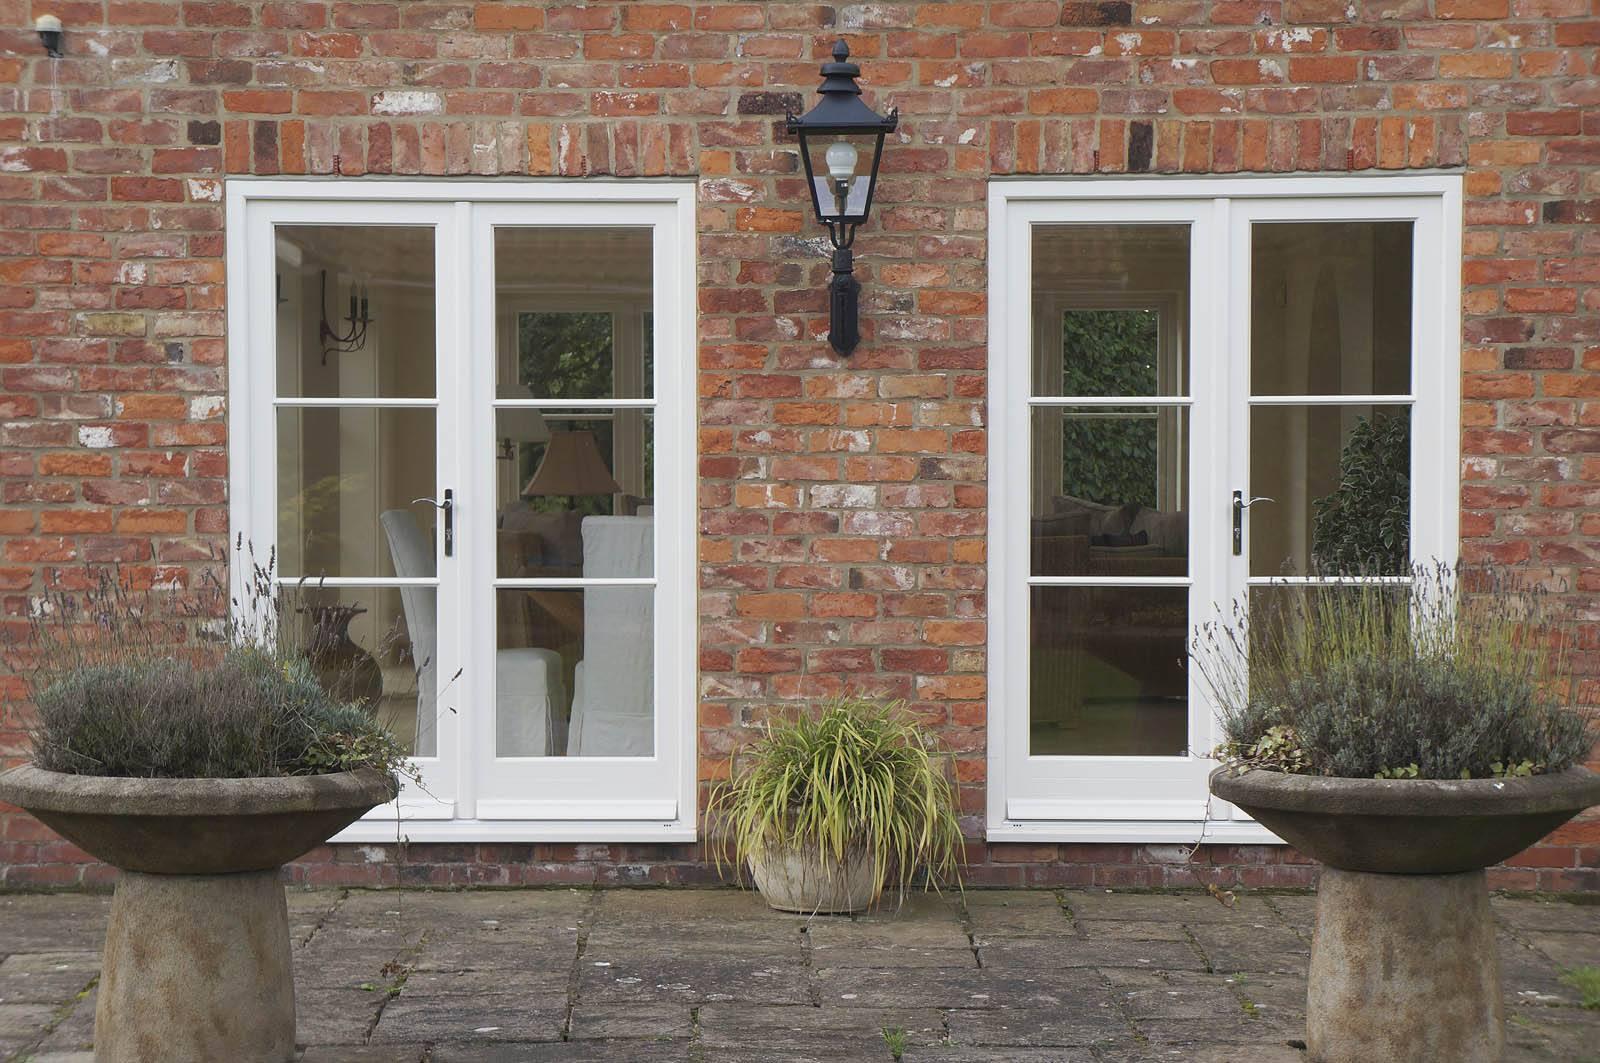 Case study yorkshire front door casement windows for Upvc french doors yorkshire